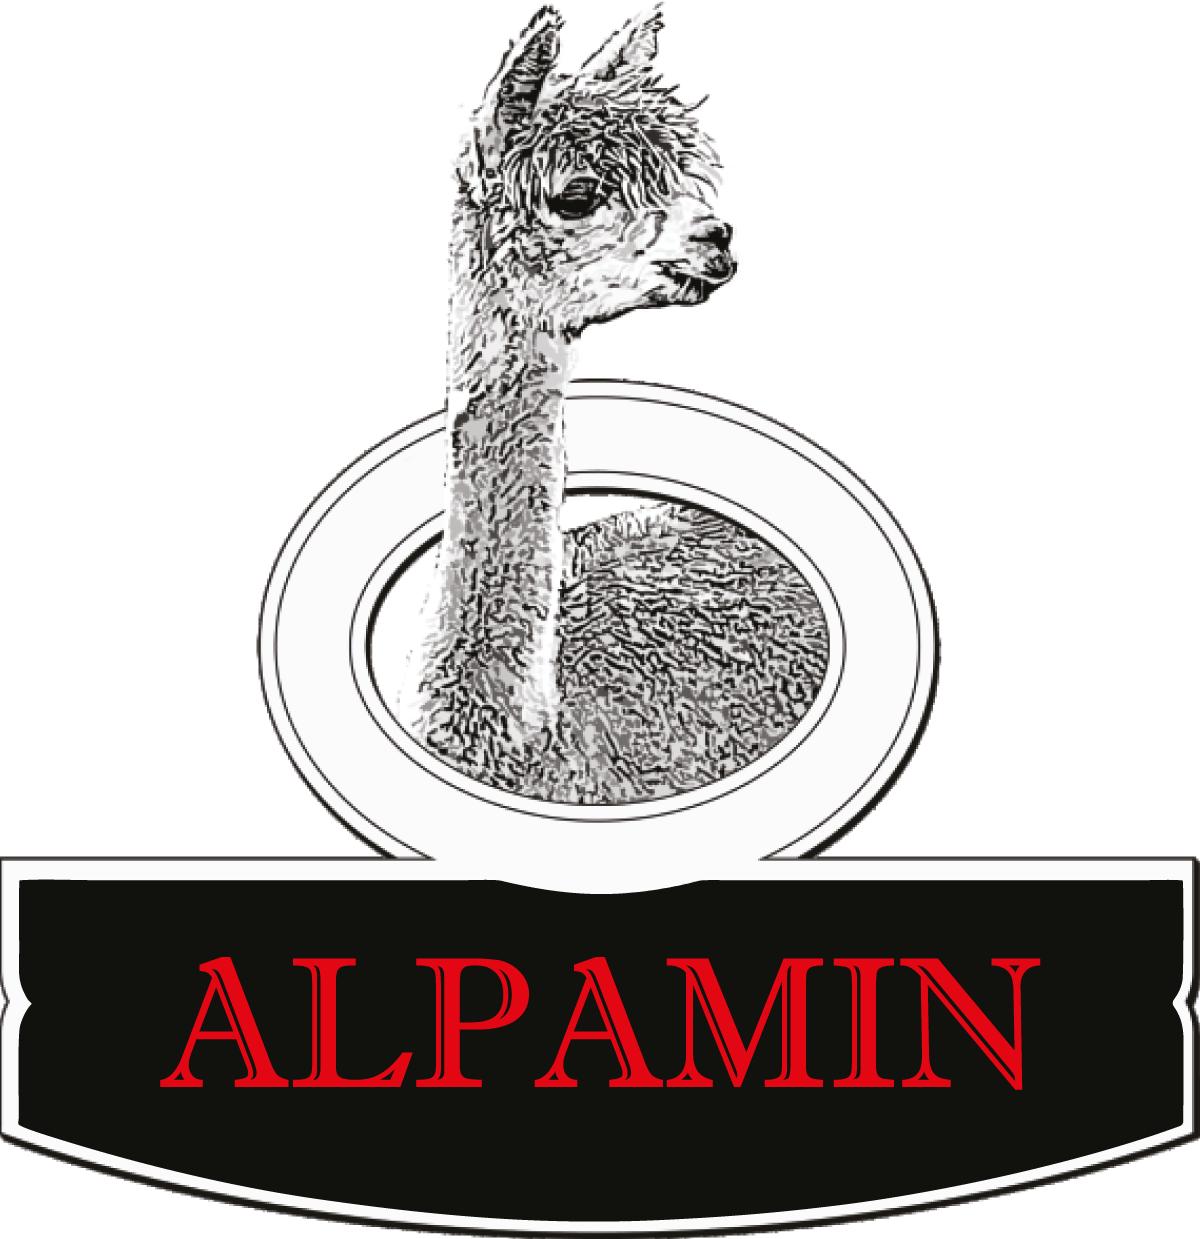 Alpamin